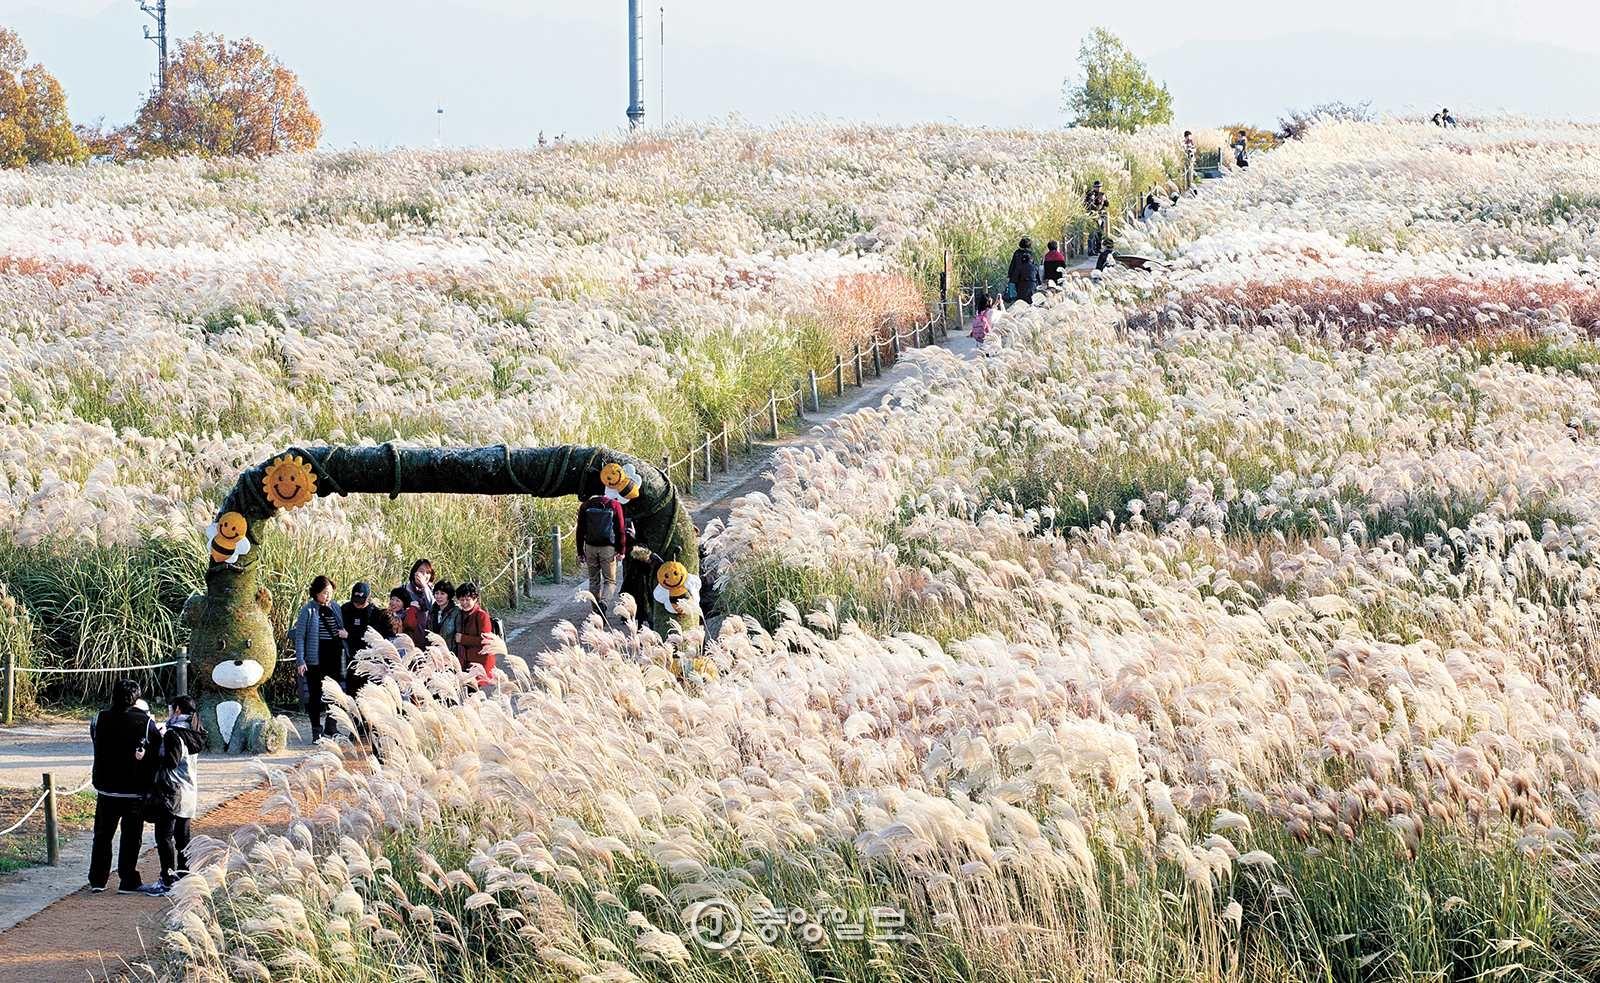 마포난지생명길 1코스의 하이라이트는 하늘공원 억새밭이다. 12월 중순까지 은빛 억새의 장관이 펼쳐진다.